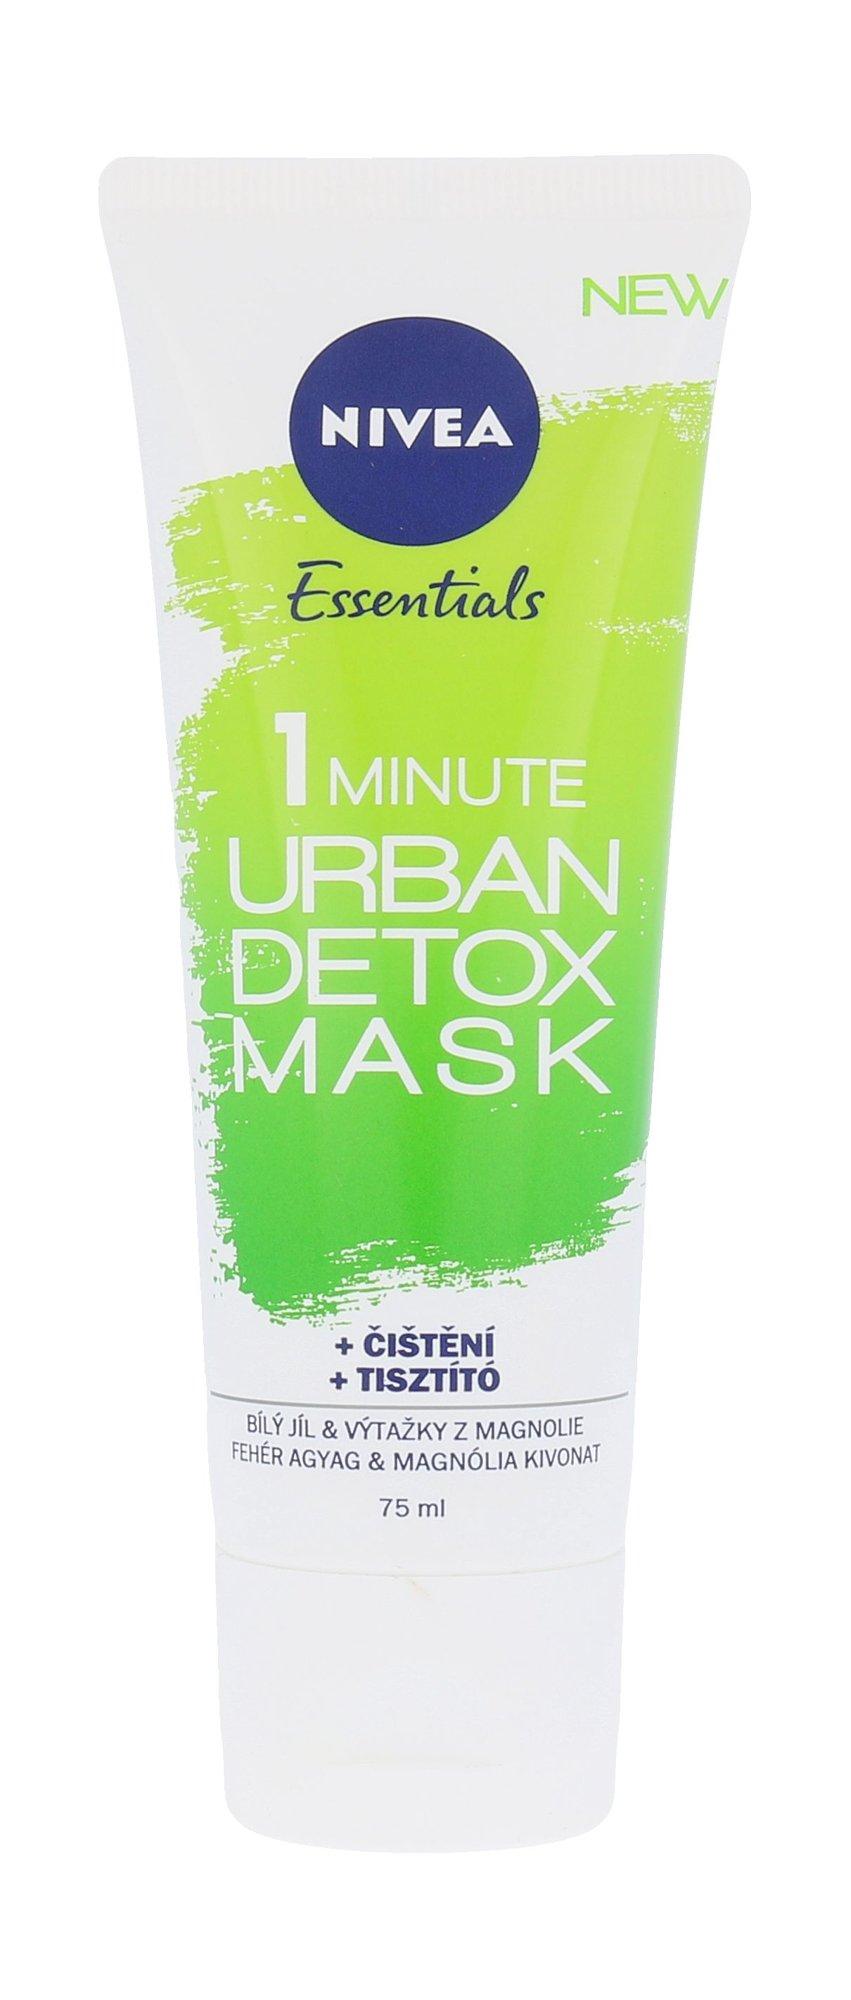 Nivea Essentials 1 Minute Urban Detox Mask Cosmetic 75ml